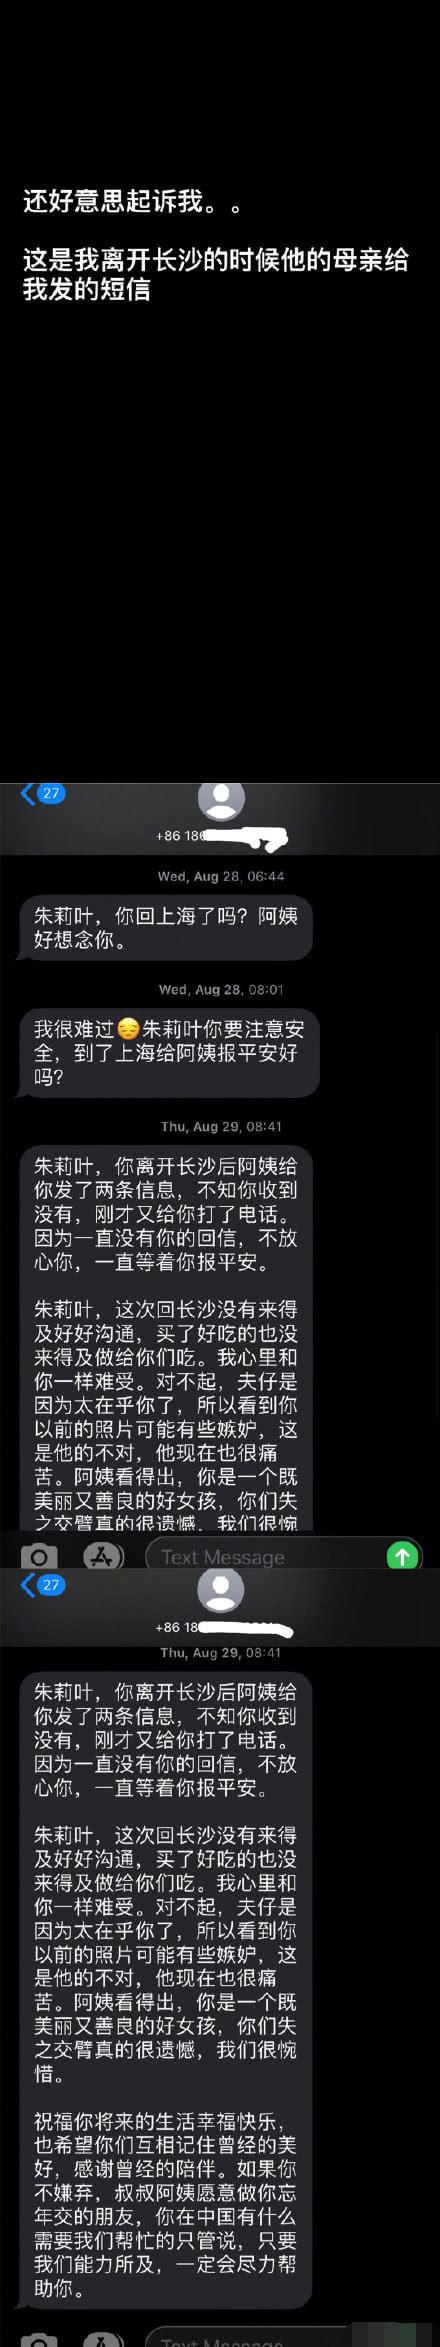 乌拉圭前女友曝光与蒋劲夫母亲短信记录:说的都是实话不怕被起诉